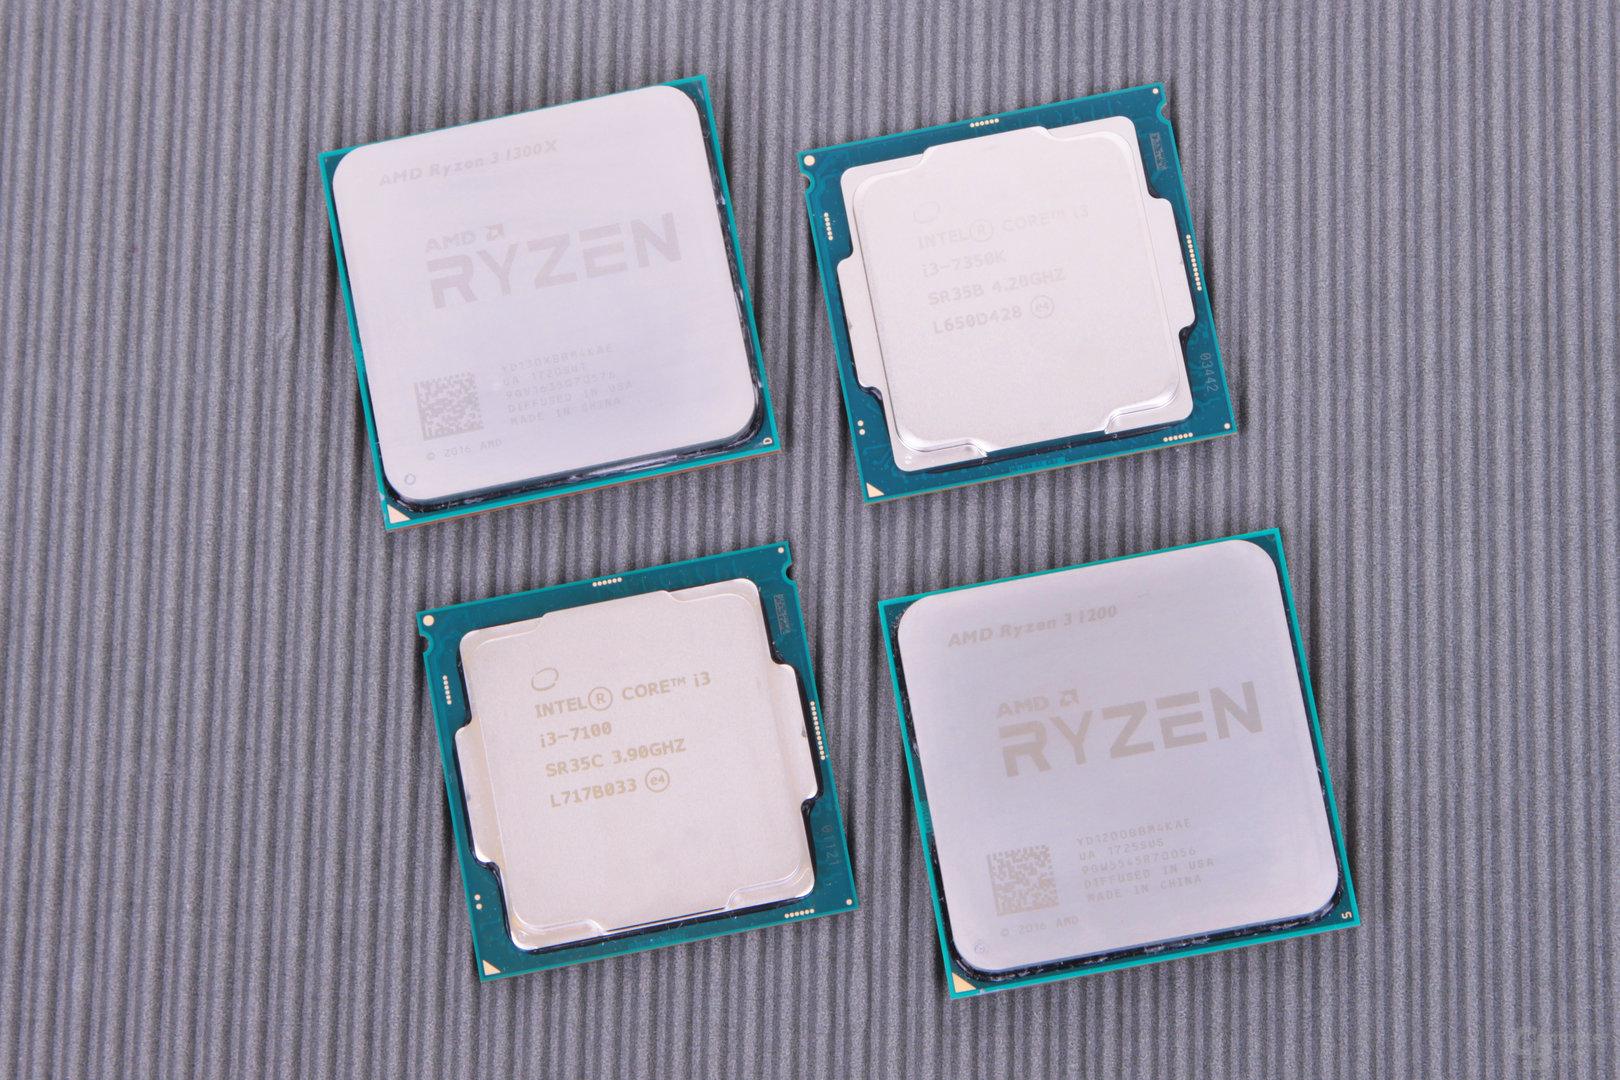 Ryzen 3 1300X und 1200 sowie Core i3-7350K und i3-7100